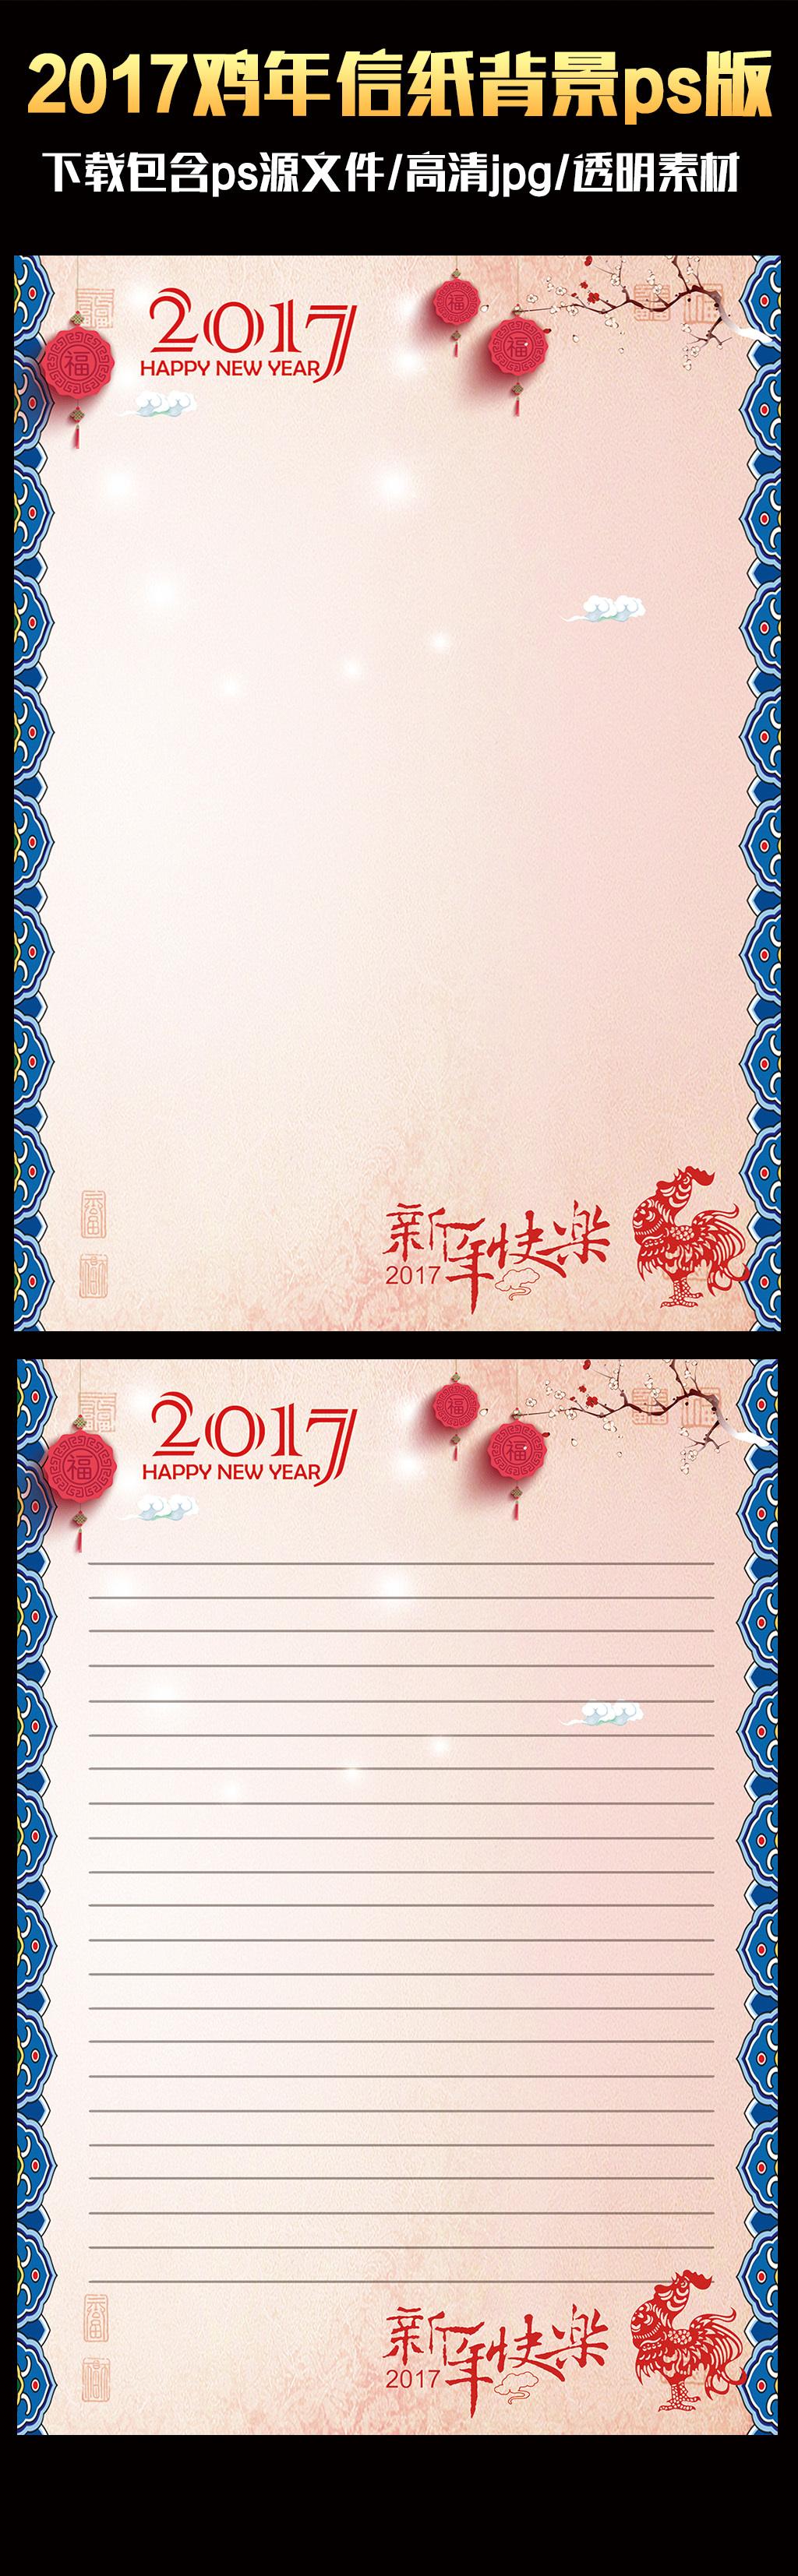 风喜庆鸡年ps信纸背景图片设计素材 高清其他模板下载 97.21MB